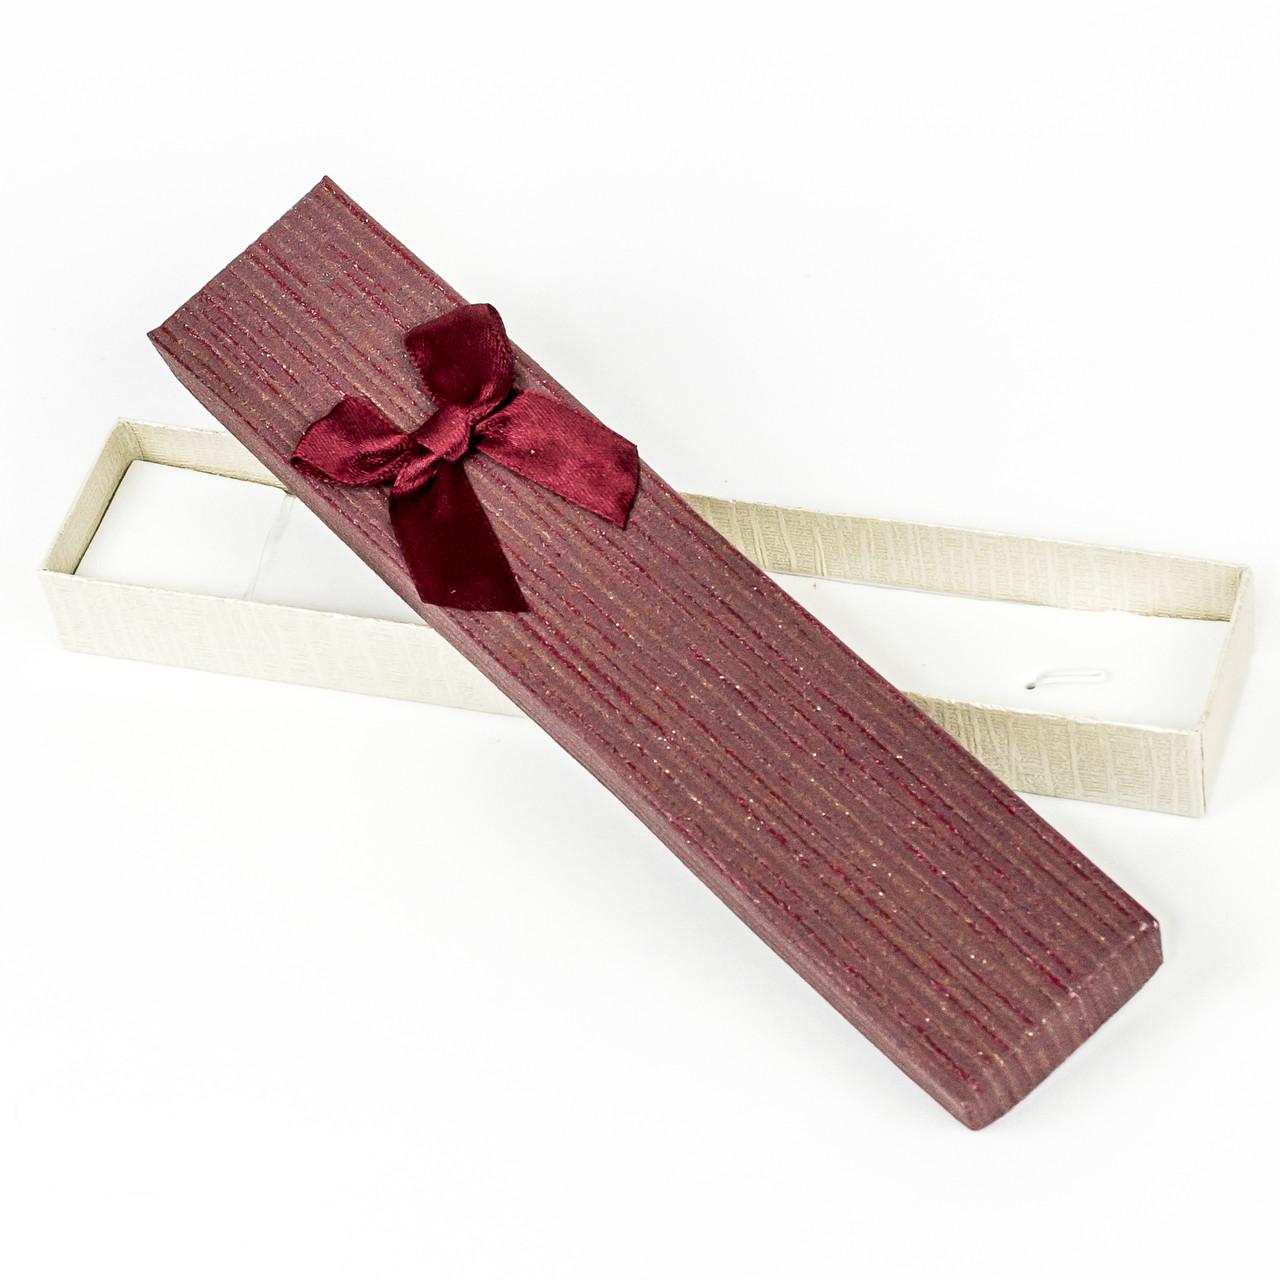 Подарочная коробка под бижутерию из дизайнерского картона бордовая 21 x 4,2 x 2,2 см